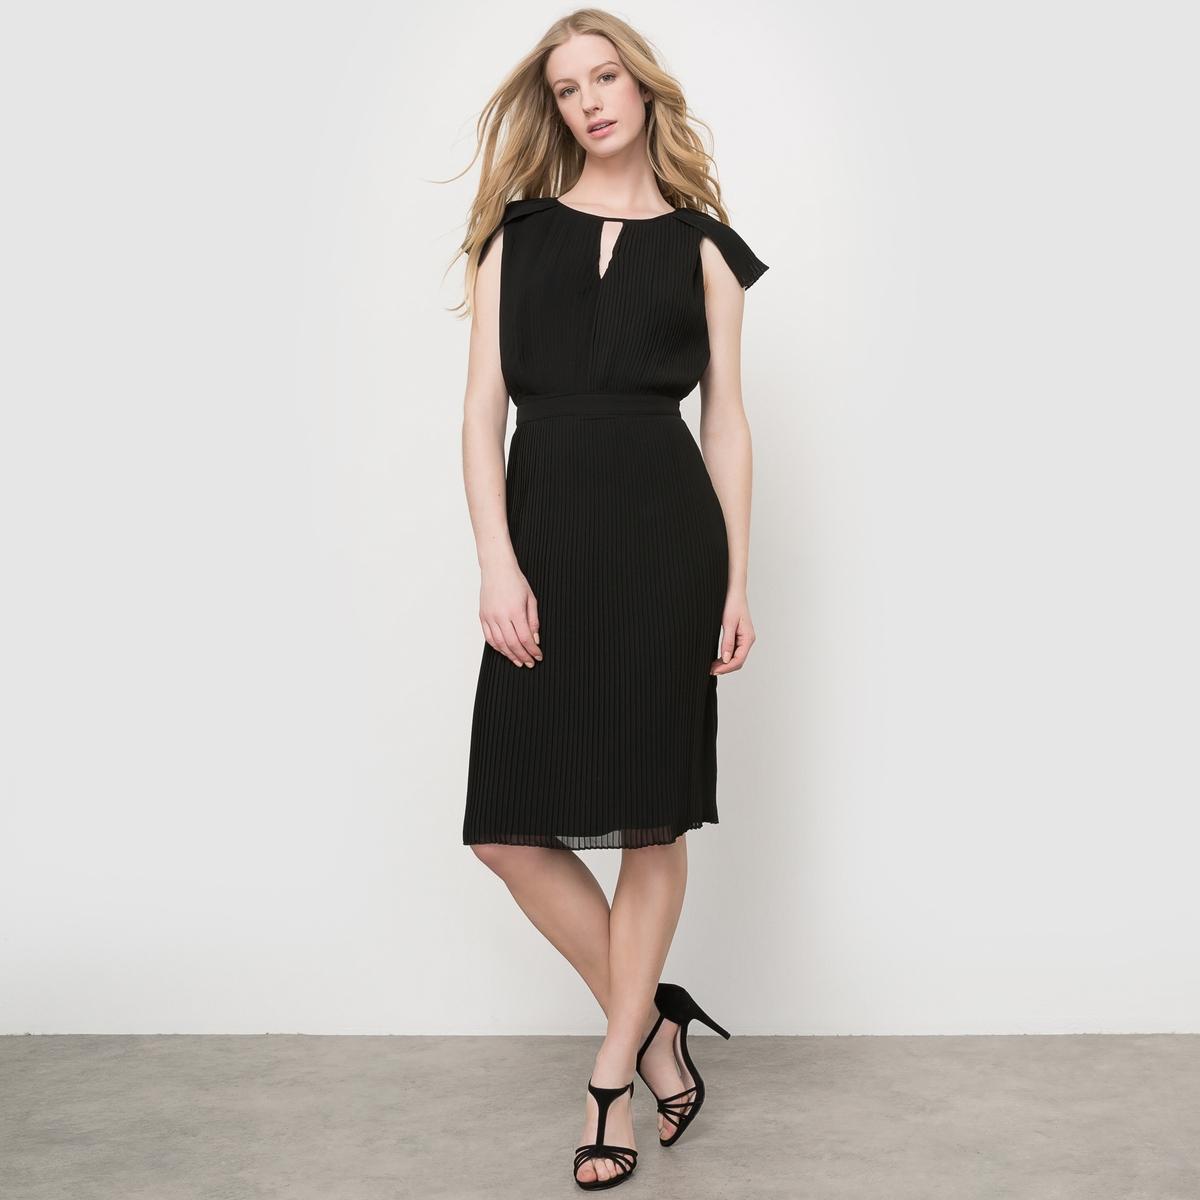 Платье со складкамиПлатье плиссированное без рукавов из лёгкой и струящейся ткани. Подчёркнутая талия. Вырез с завязками спереди . Полностью плиссированная ткань. Состав и описаниеМатериал : 100% полиэстера, подкладка из 100% хлопкаДлина : 100 смМарка : MADEMOISELLE R<br><br>Цвет: розовый телесный,черный<br>Размер: 50 (FR) - 56 (RUS).50 (FR) - 56 (RUS)